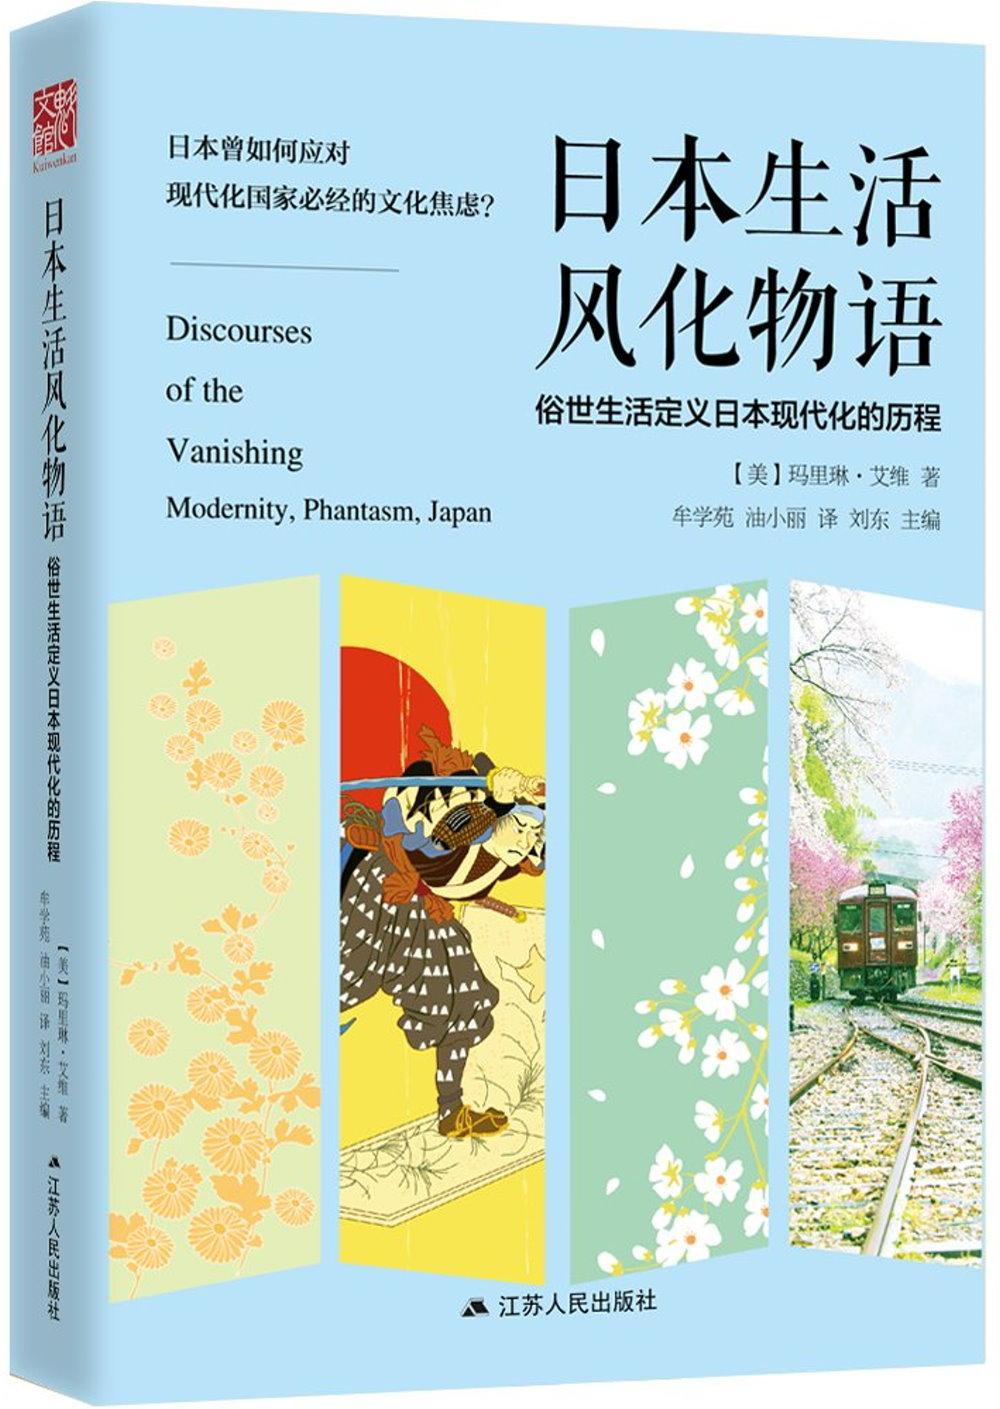 日本生活風化物語:俗世生活定義日本現代化的歷程